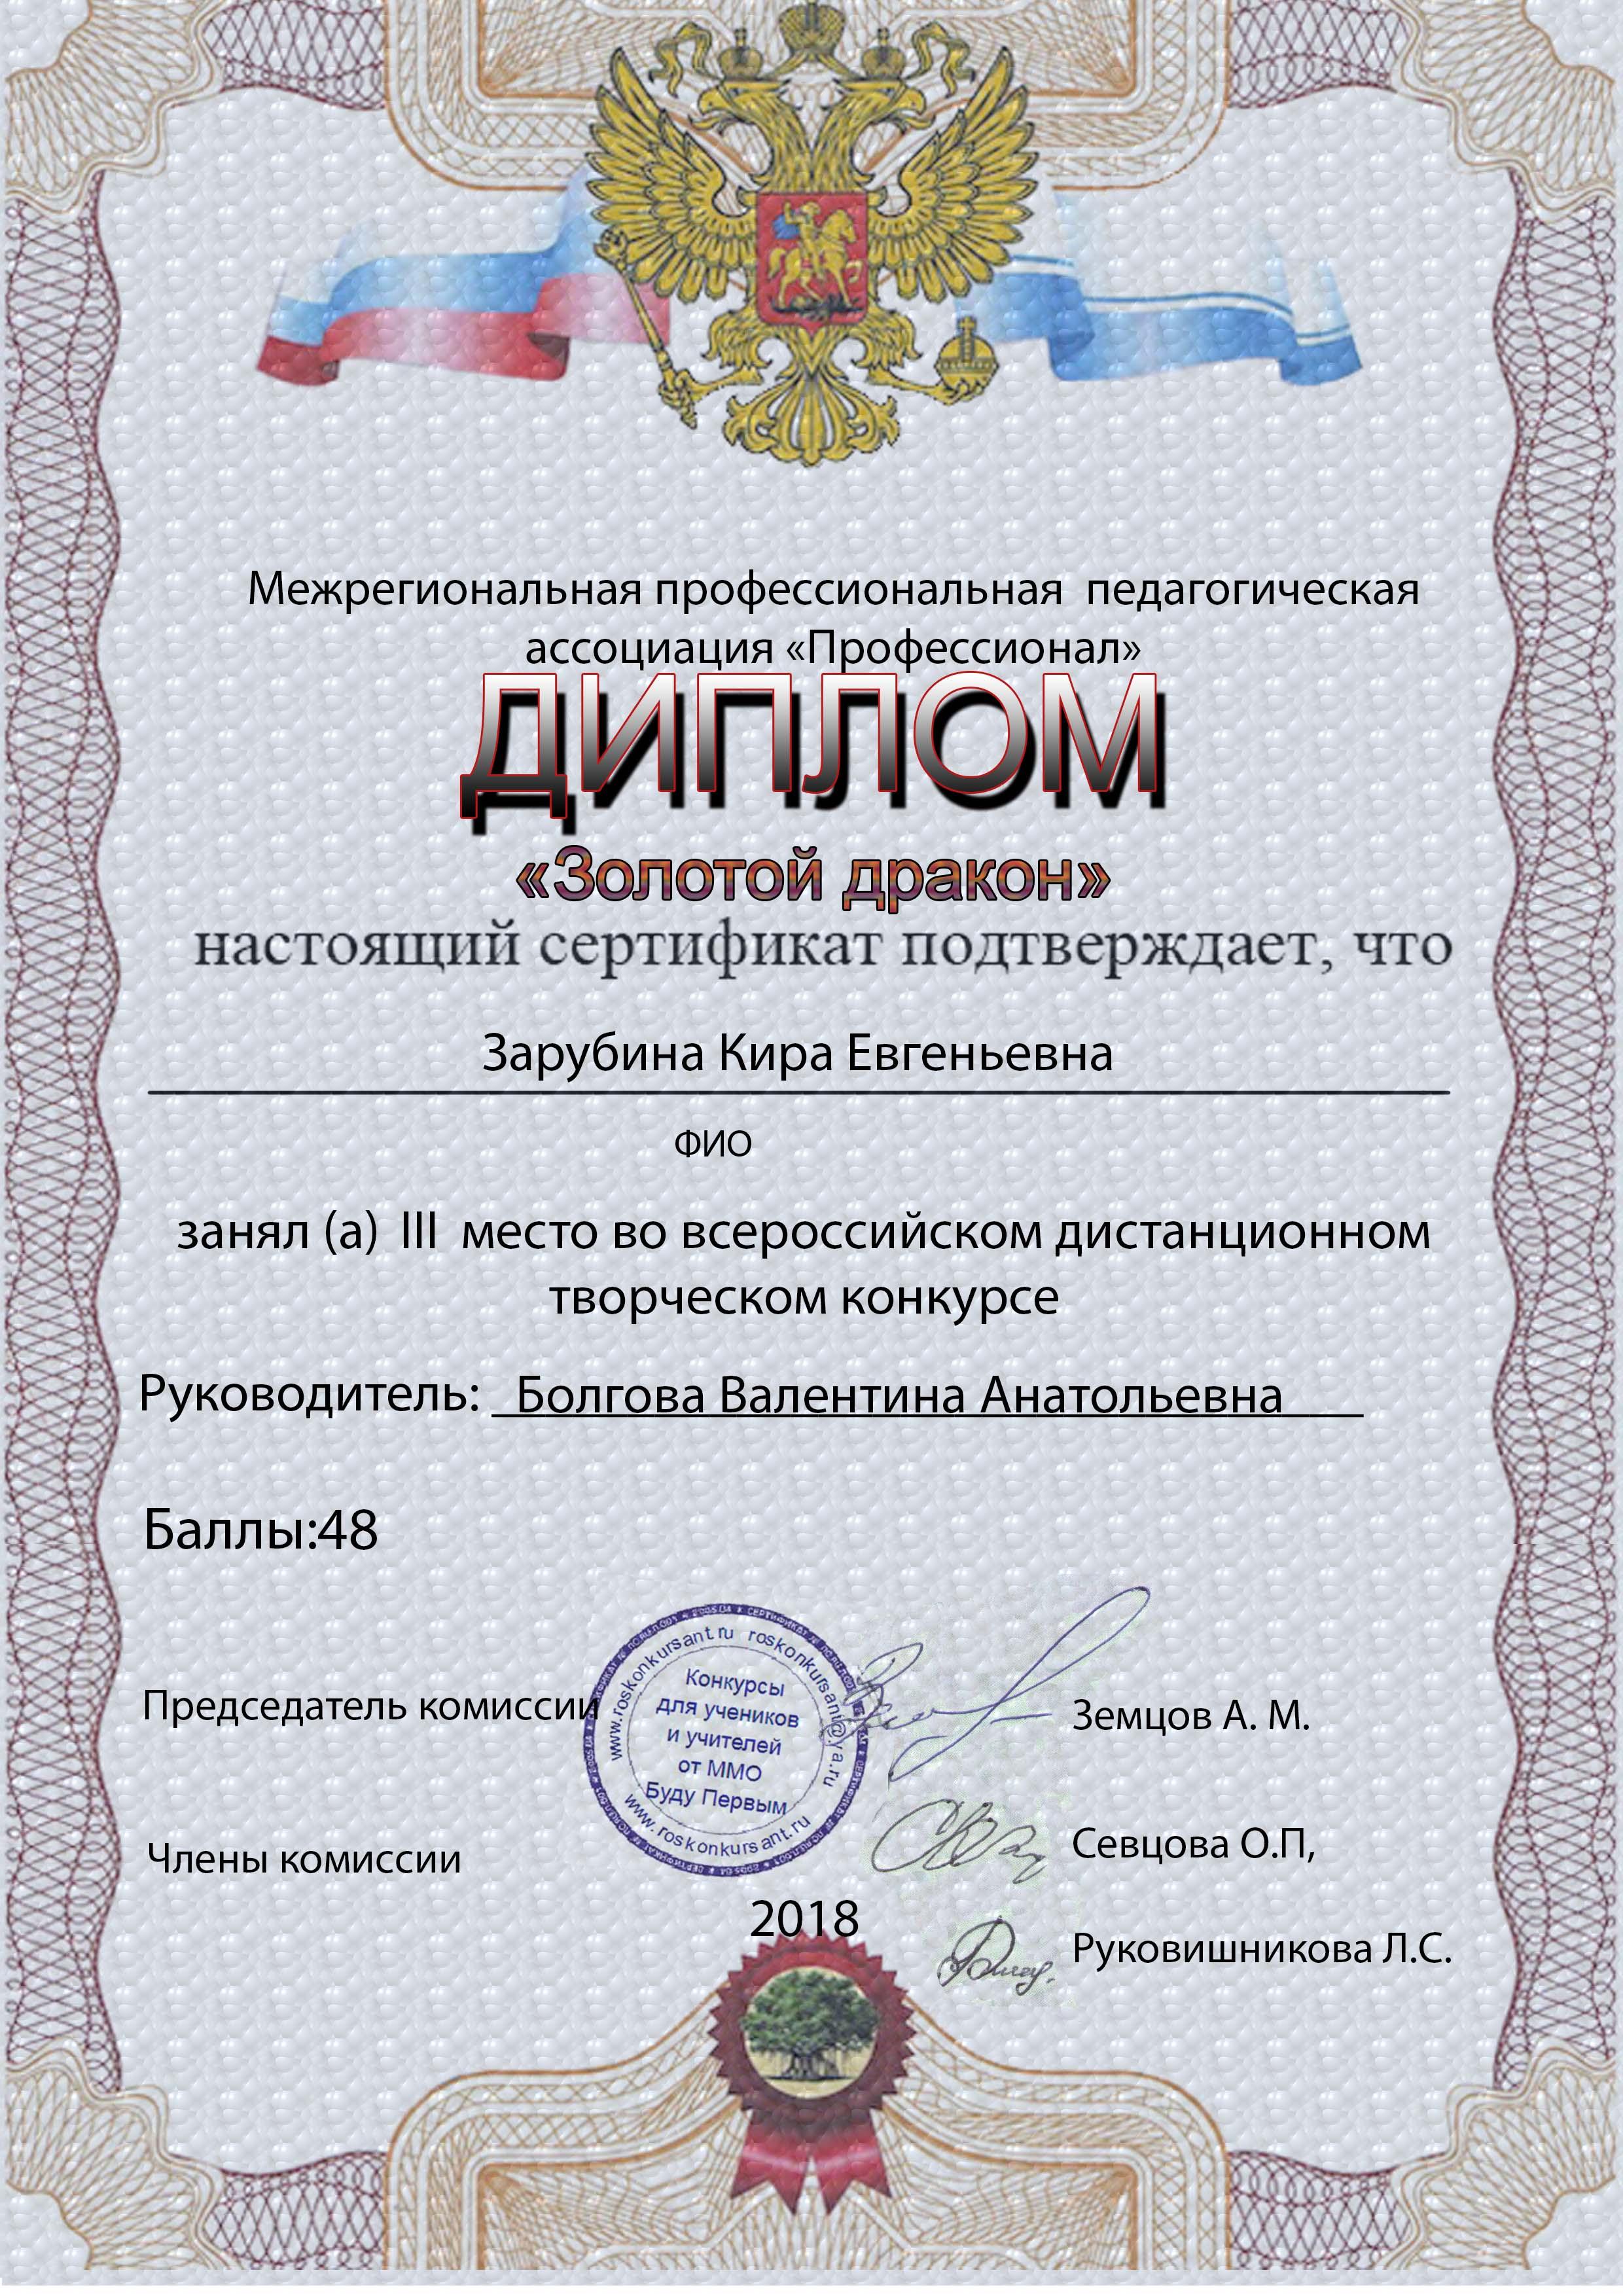 Зарубина Кира Евгеньевна